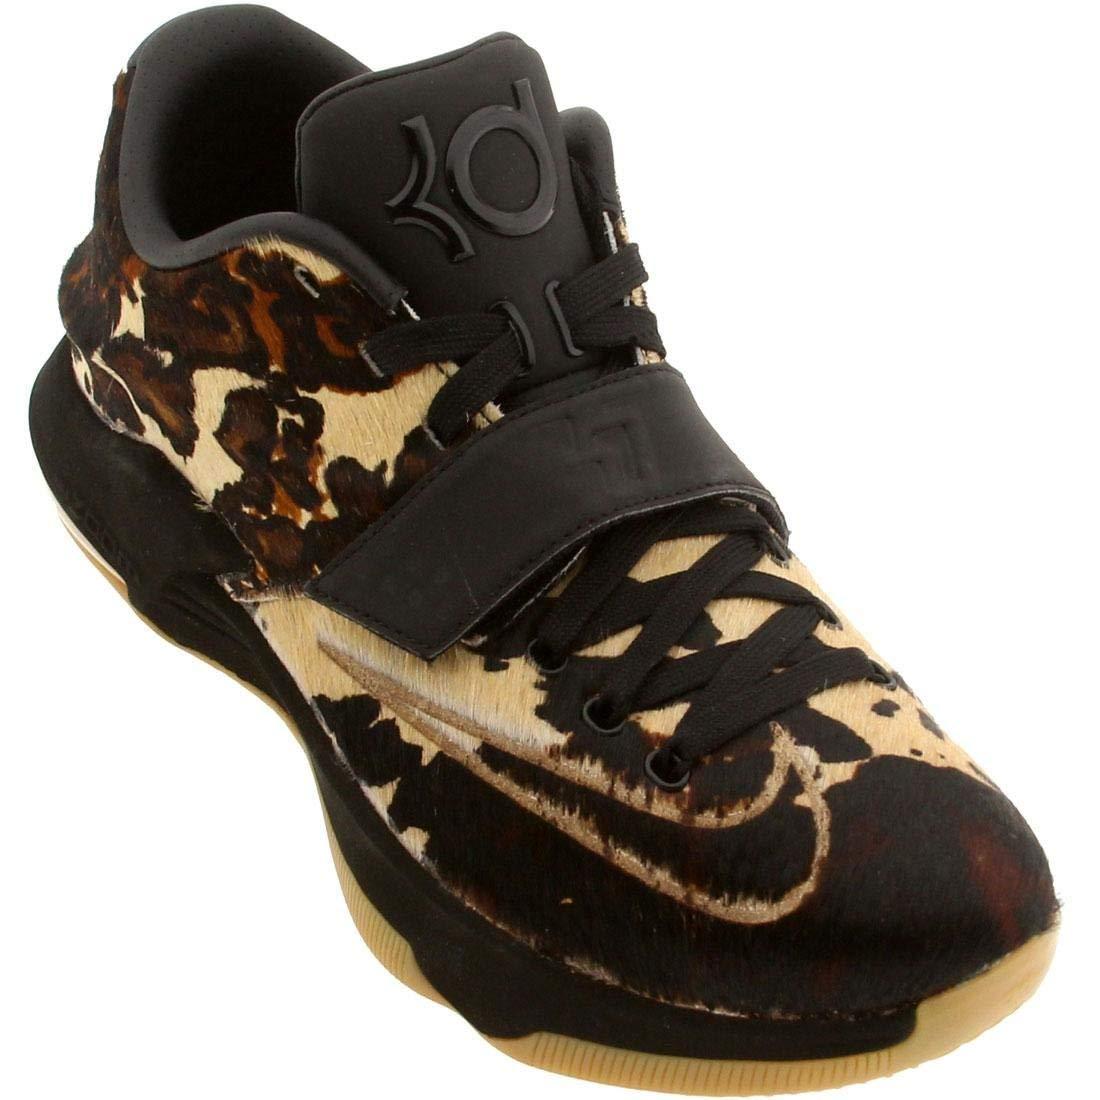 schwarz braun Leopard-like Spots Kd Vii Ext lienzo Qs Calzado Universidad